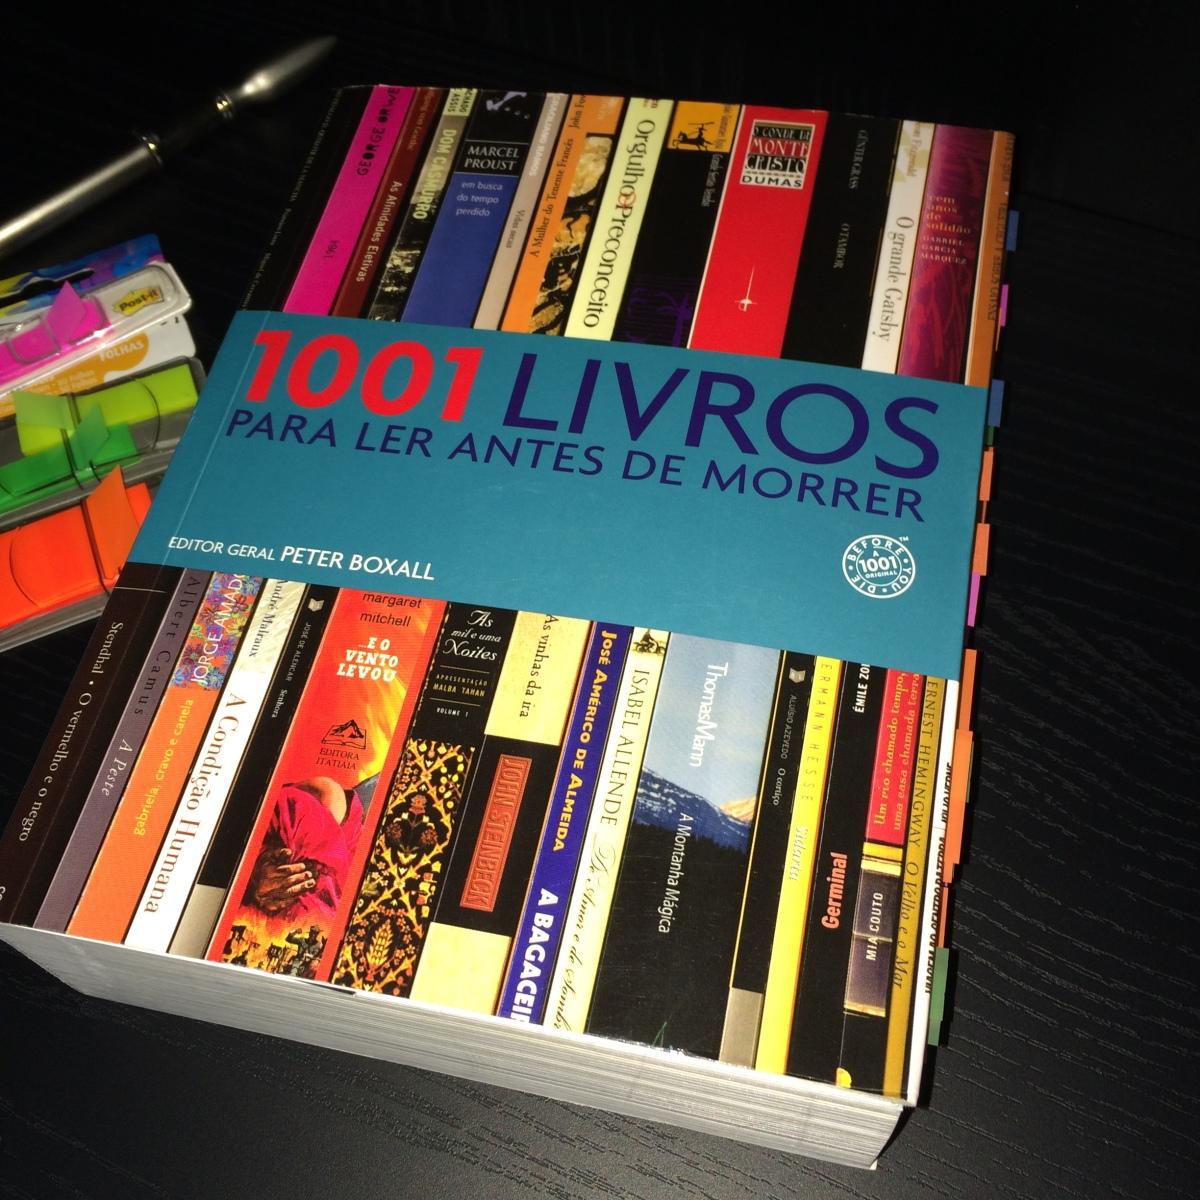 Projeto 1001 Livros (1001 Livros para ler antes de morrer)